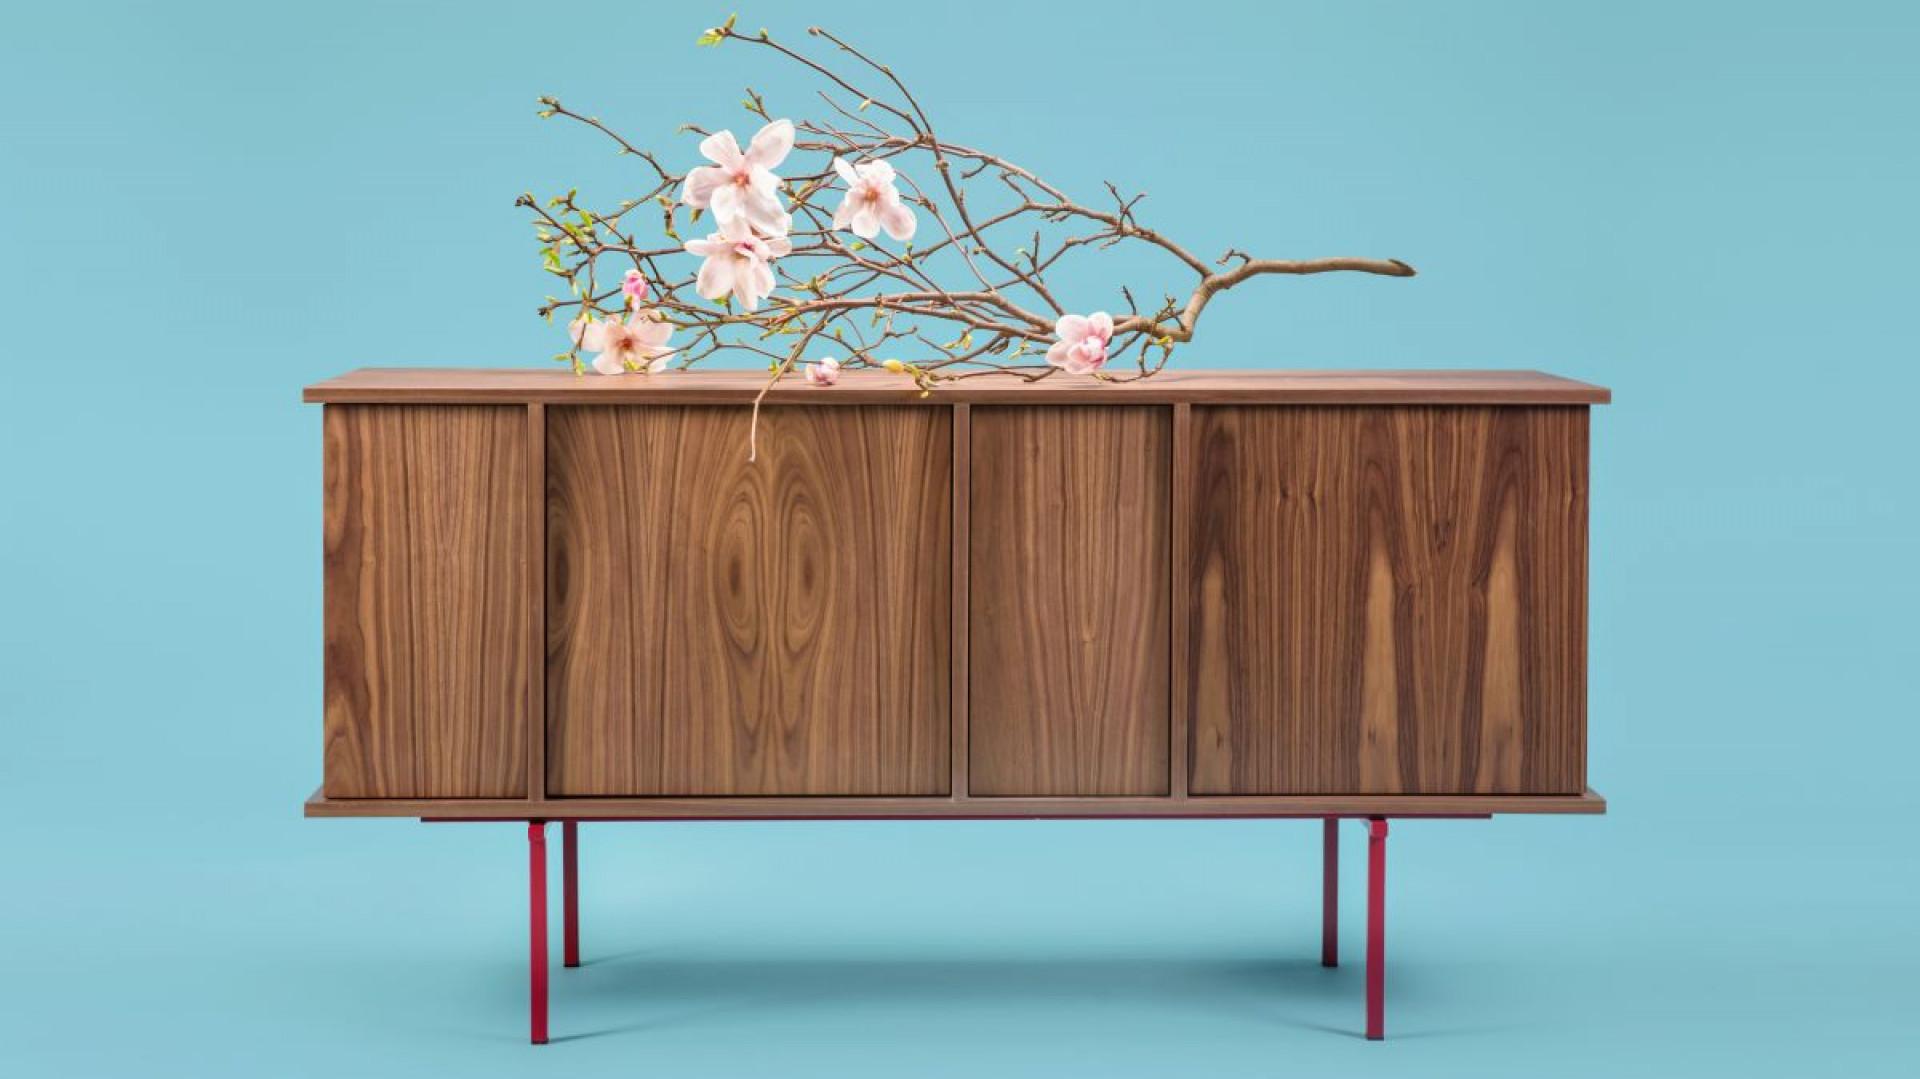 Drewniane meble - z czego wynika ich popularność?